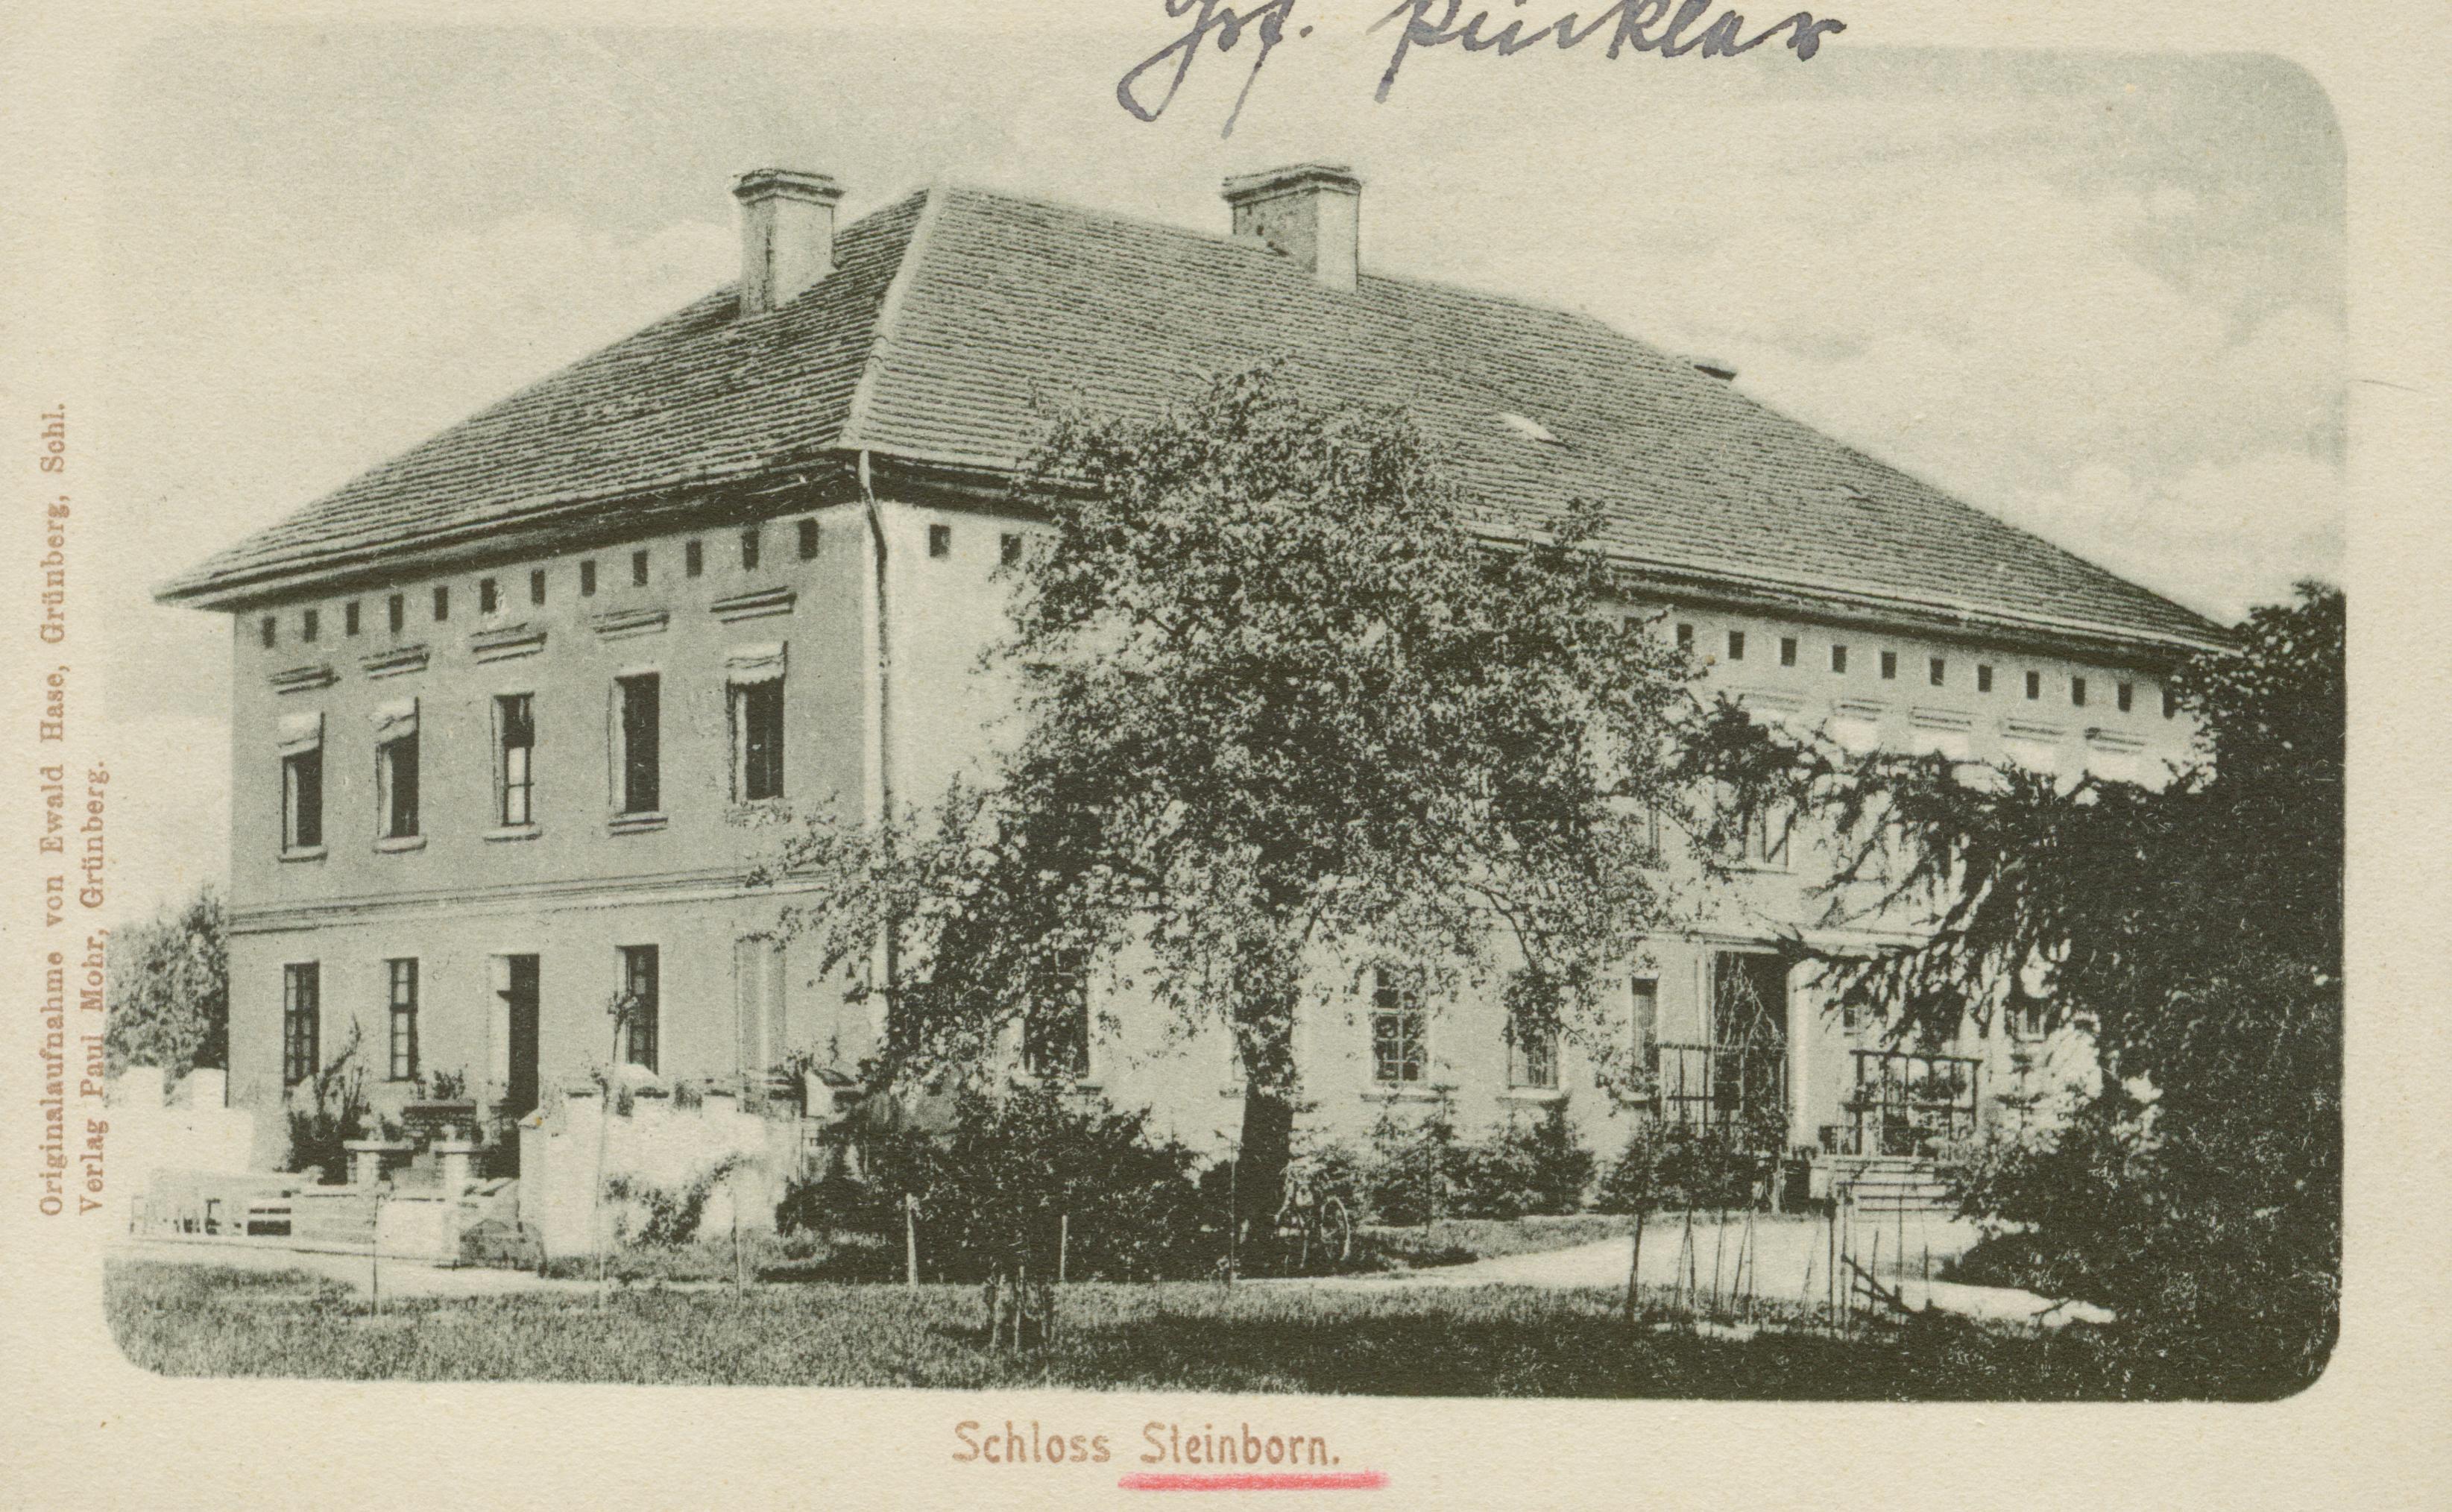 Kamionka-ok. Kożuchowa, pałac Pucklera